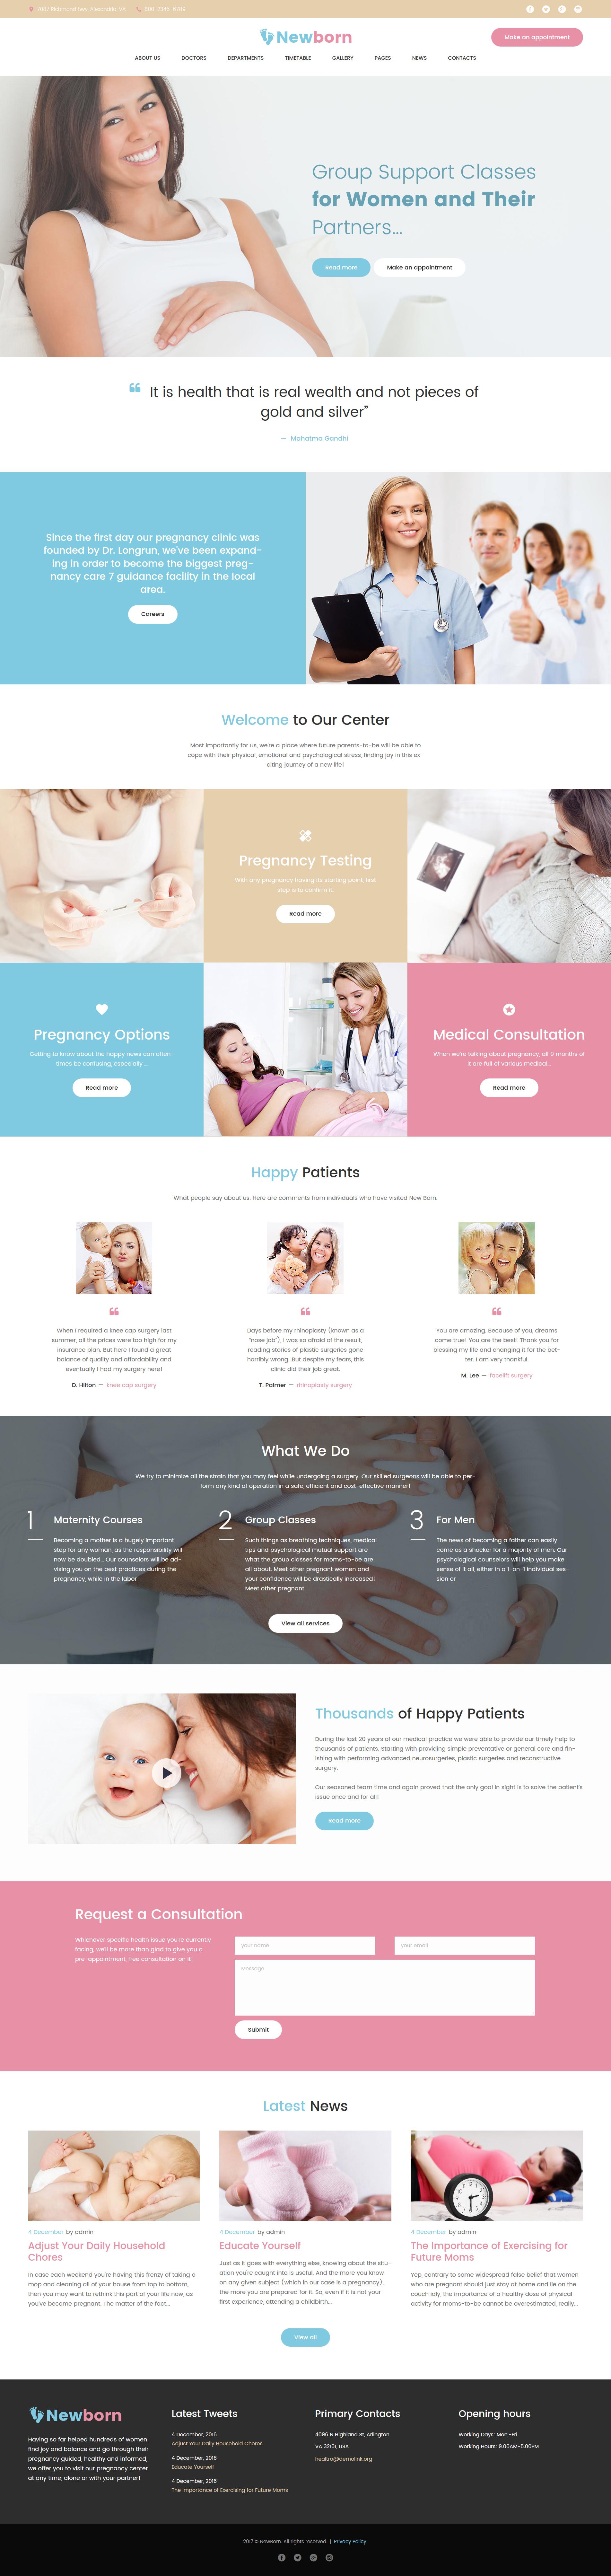 Responsive Newborn - Pregnancy Support Center Wordpress #61241